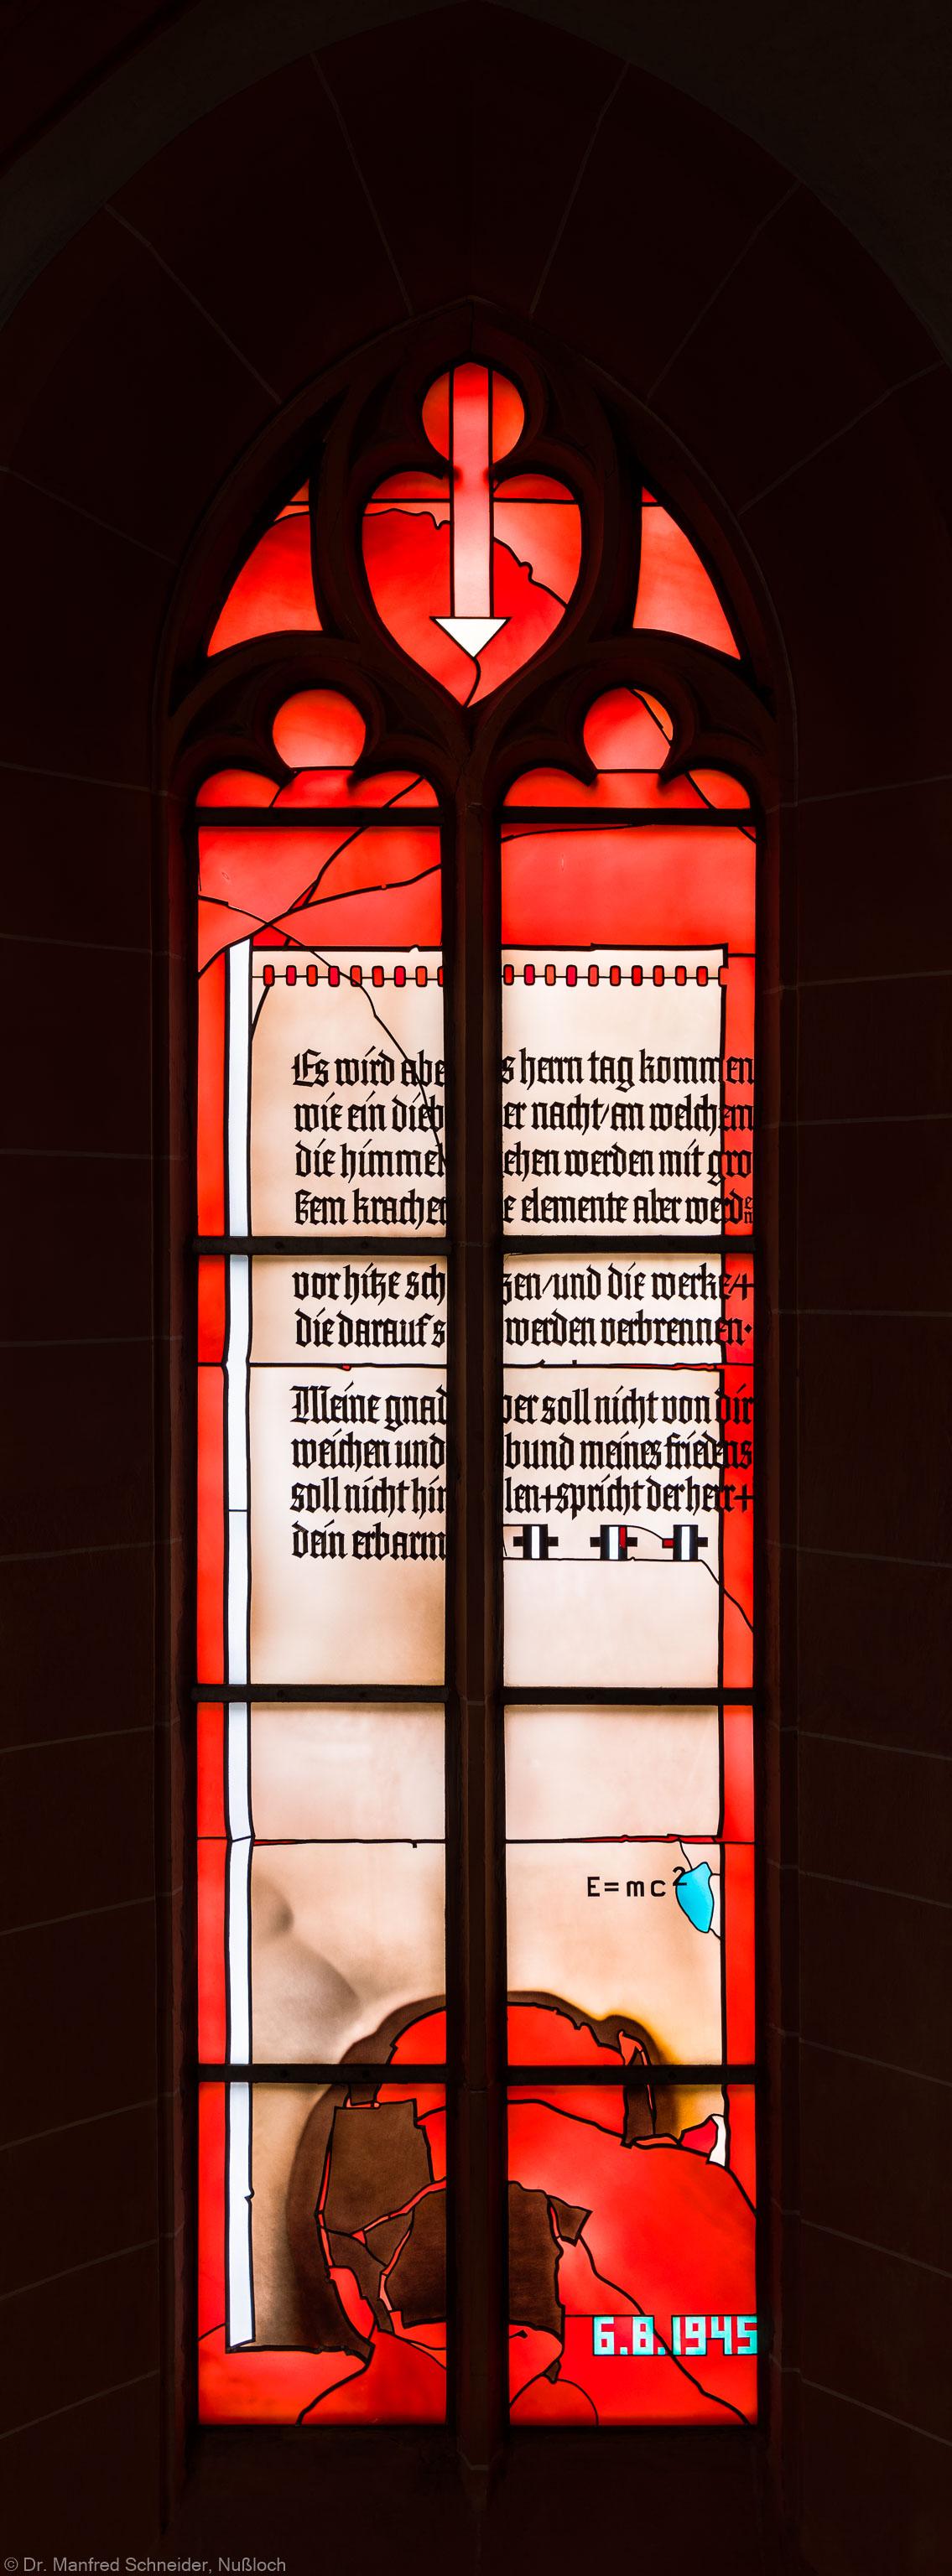 """Heidelberg - Heiliggeistkirche - Südschiff - 1. Joch, von Westen aus gezählt - Gesamtaufnahme des """"Physik-Fensters"""" von Johannes Schreiter (aufgenommen im Oktober 2015, am späten Vormittag)"""